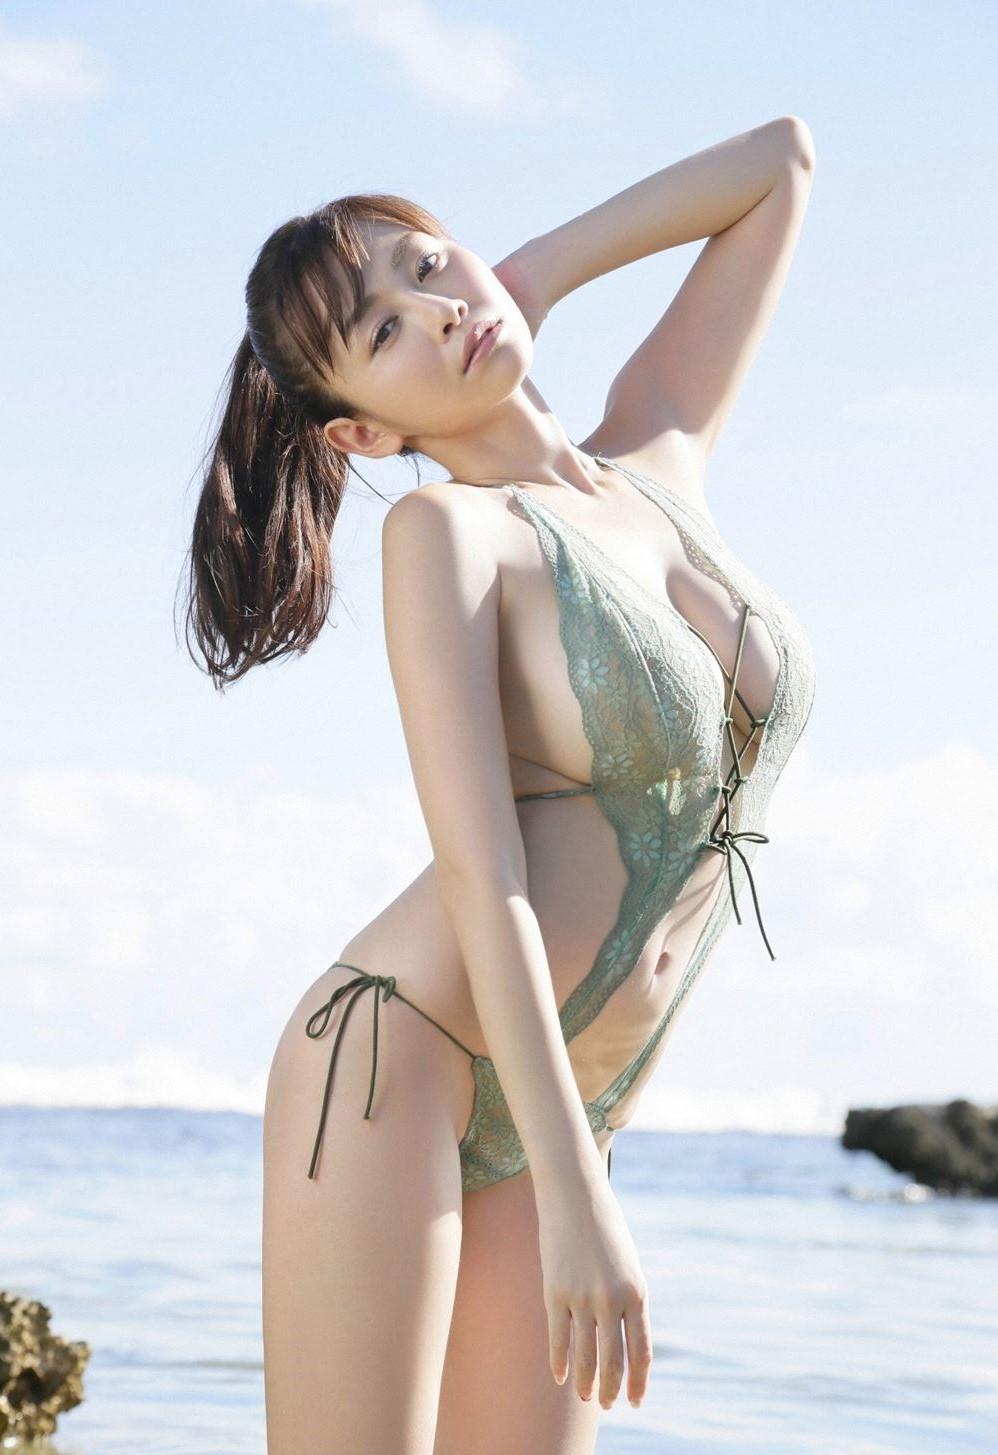 Anri Sugihara In Exotic Swimsuit By Anri Sugihara On